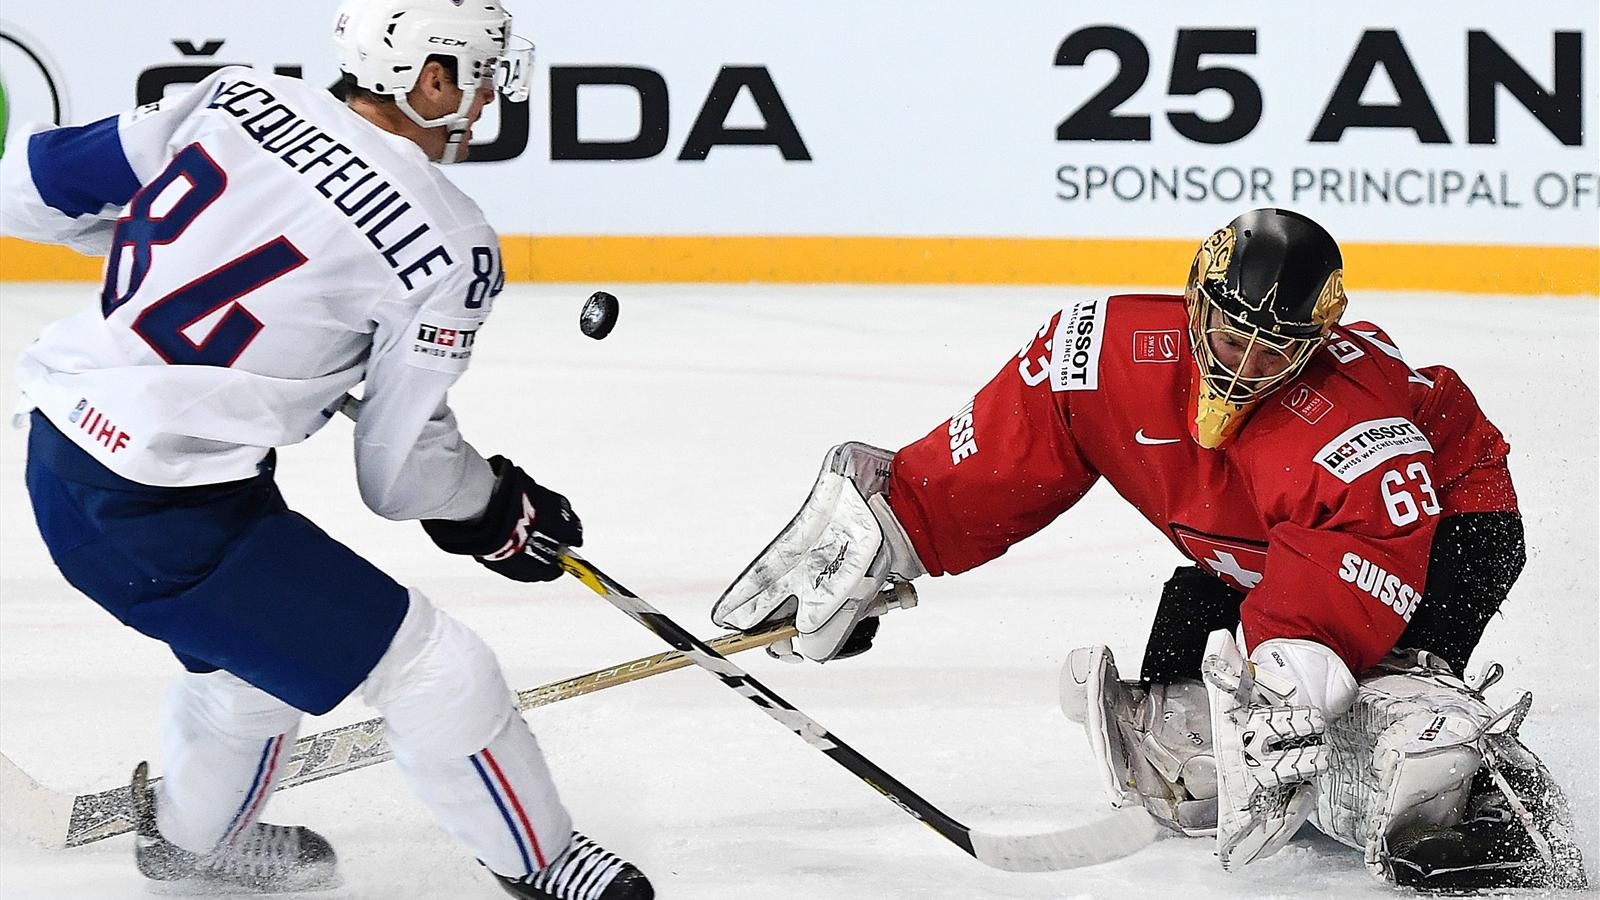 le hockeyeur fran ais c 39 est comme un bouledogue sur un os championnat du monde 2016 2017. Black Bedroom Furniture Sets. Home Design Ideas